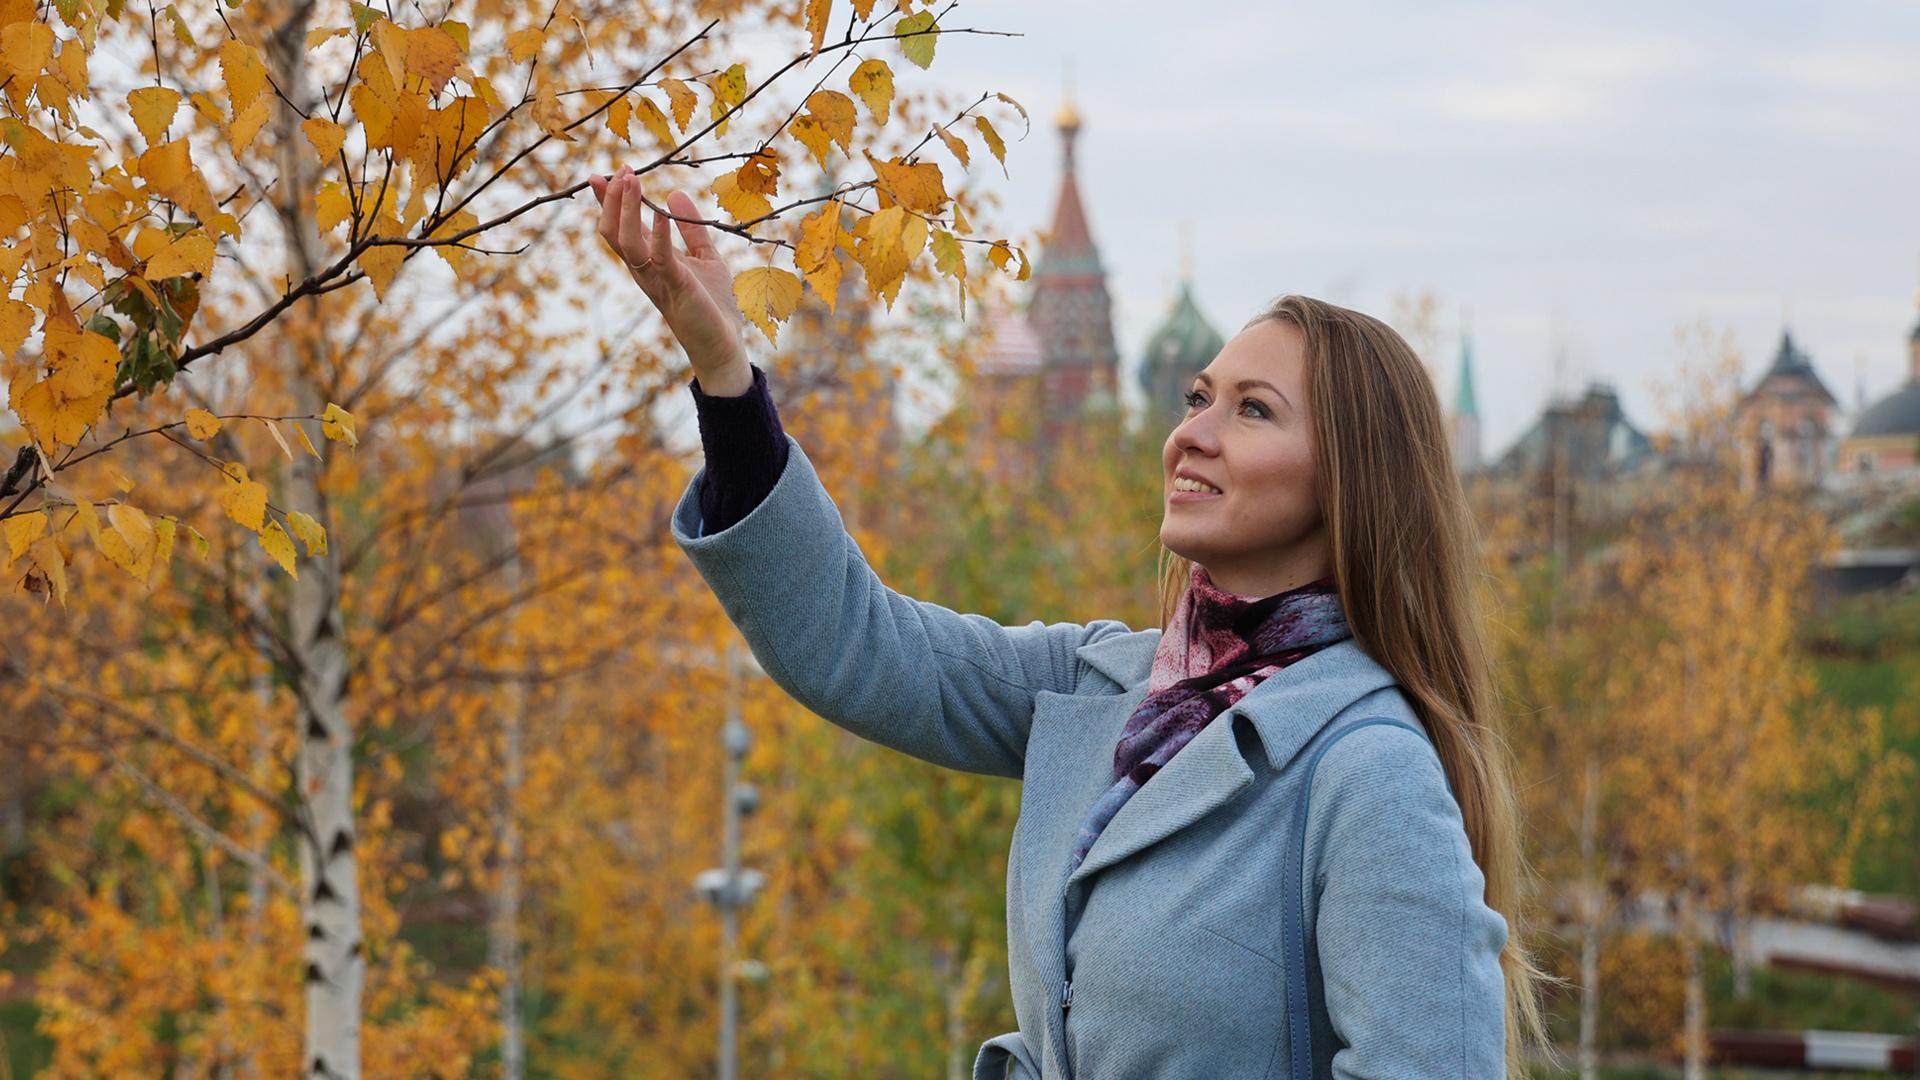 Москва. Зарядье. Самый дорогой парк России в сотне лучших мест в мире. Золотая осень.